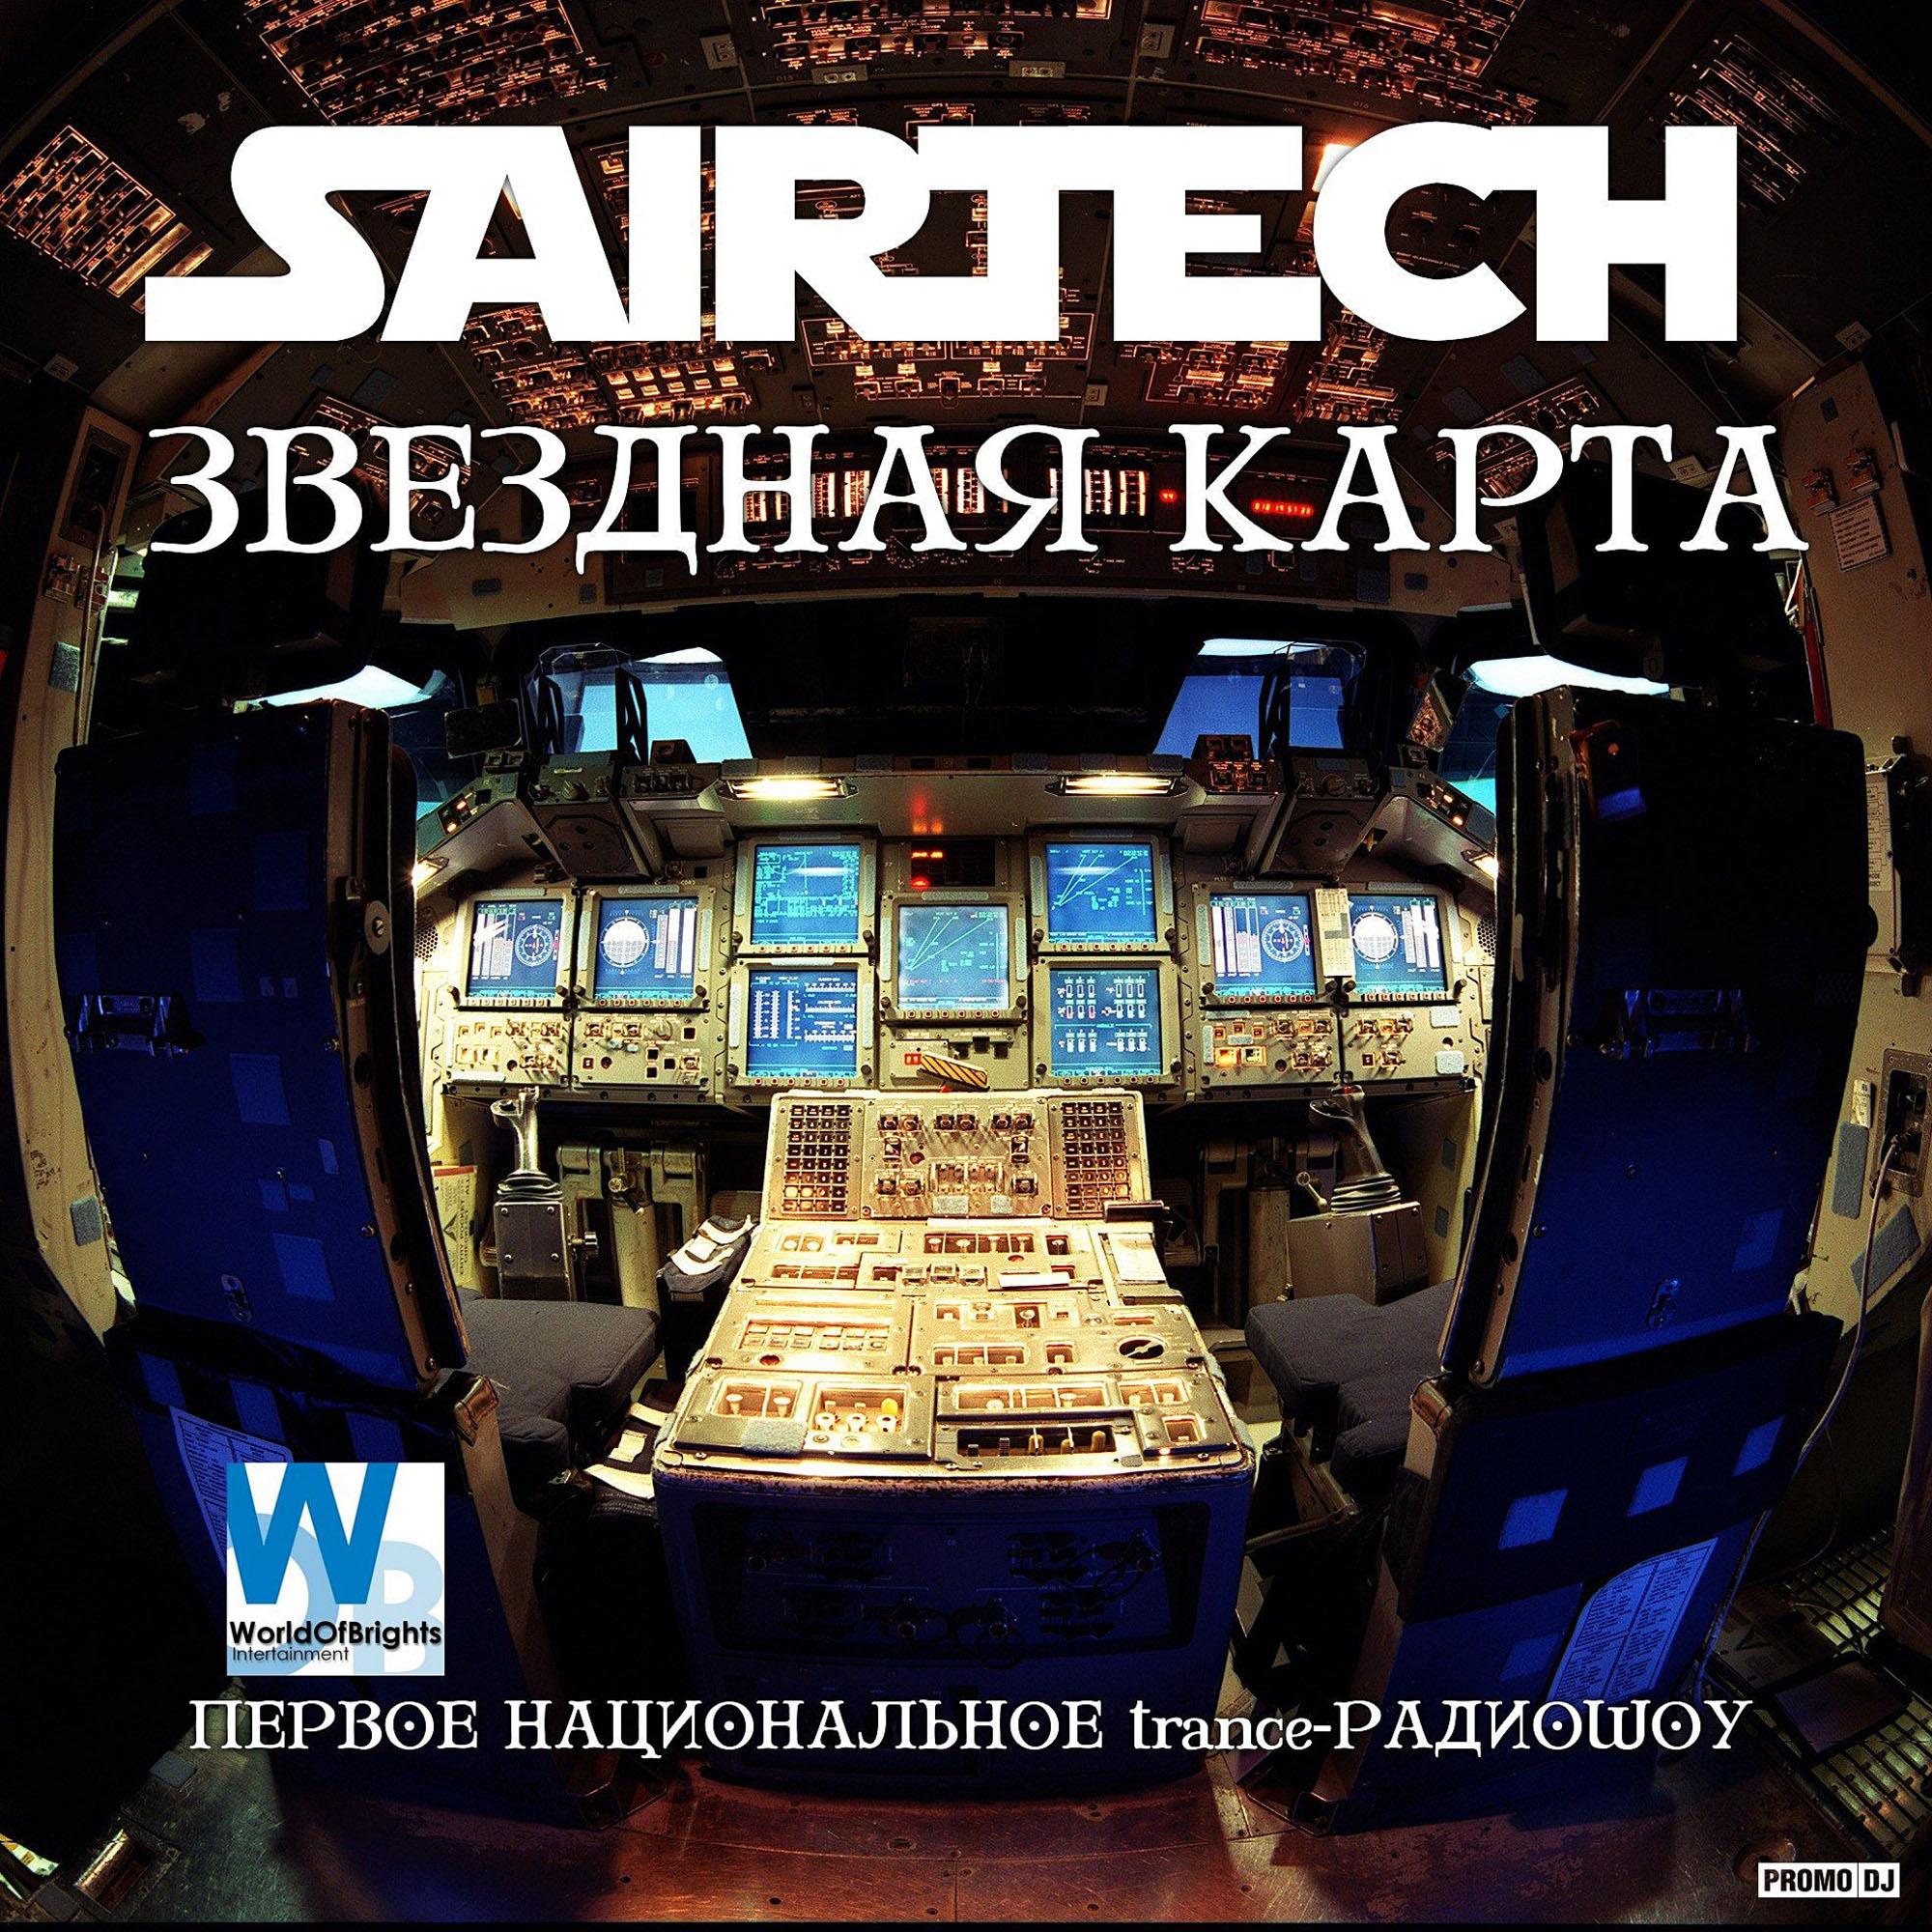 Sairtech - Звездная карта #207 (15.07.2018) - Первое национальное trance-радиошоу (Radioshow)